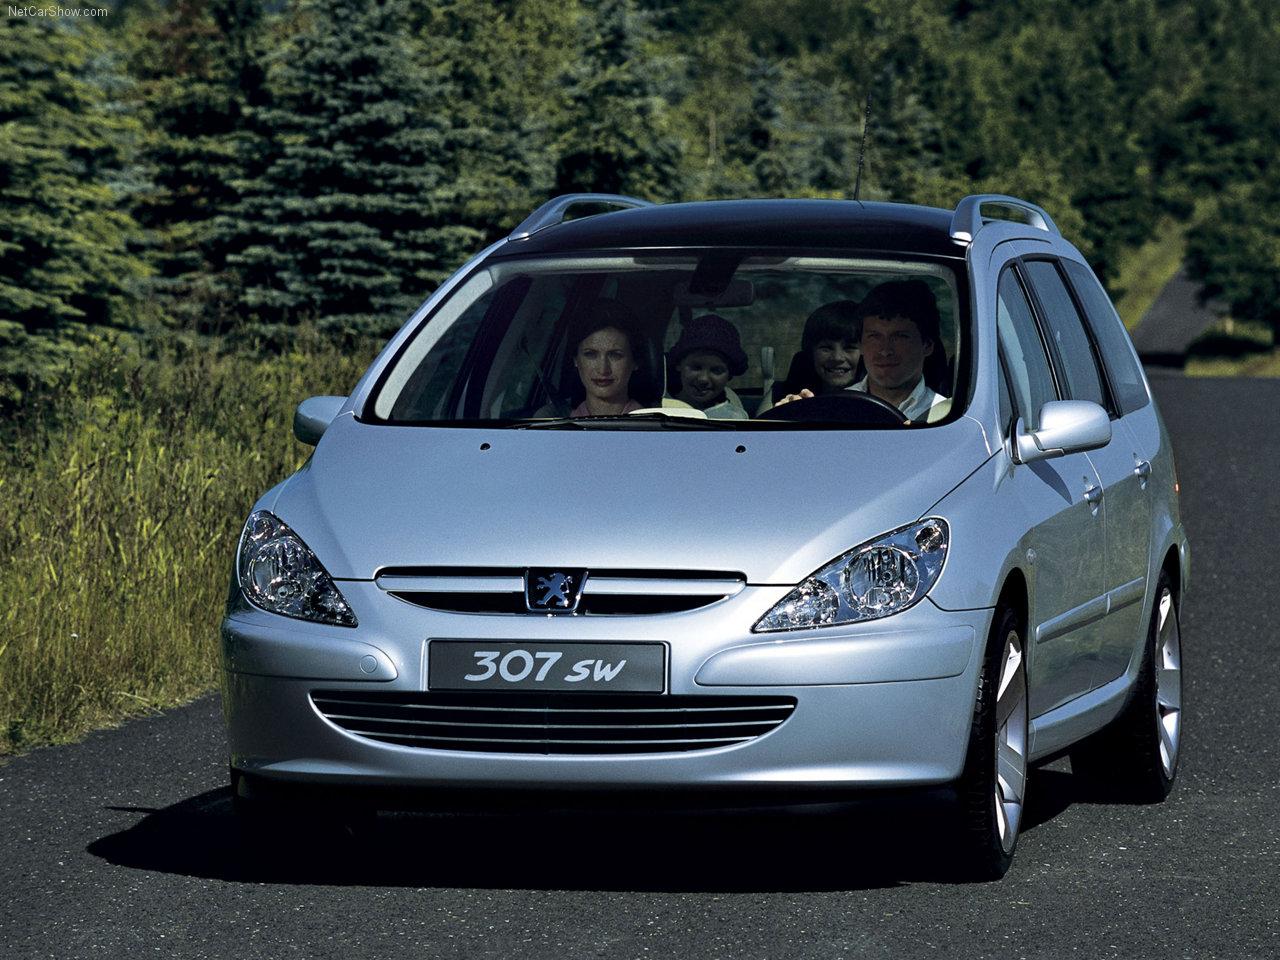 http://4.bp.blogspot.com/-PyXkY7Zldgk/TXxXAkCfvqI/AAAAAAAANZA/9b2AwtCbeLU/s1600/Peugeot-307_SW_Concept_2001_1280x960_wallpaper_01.jpg